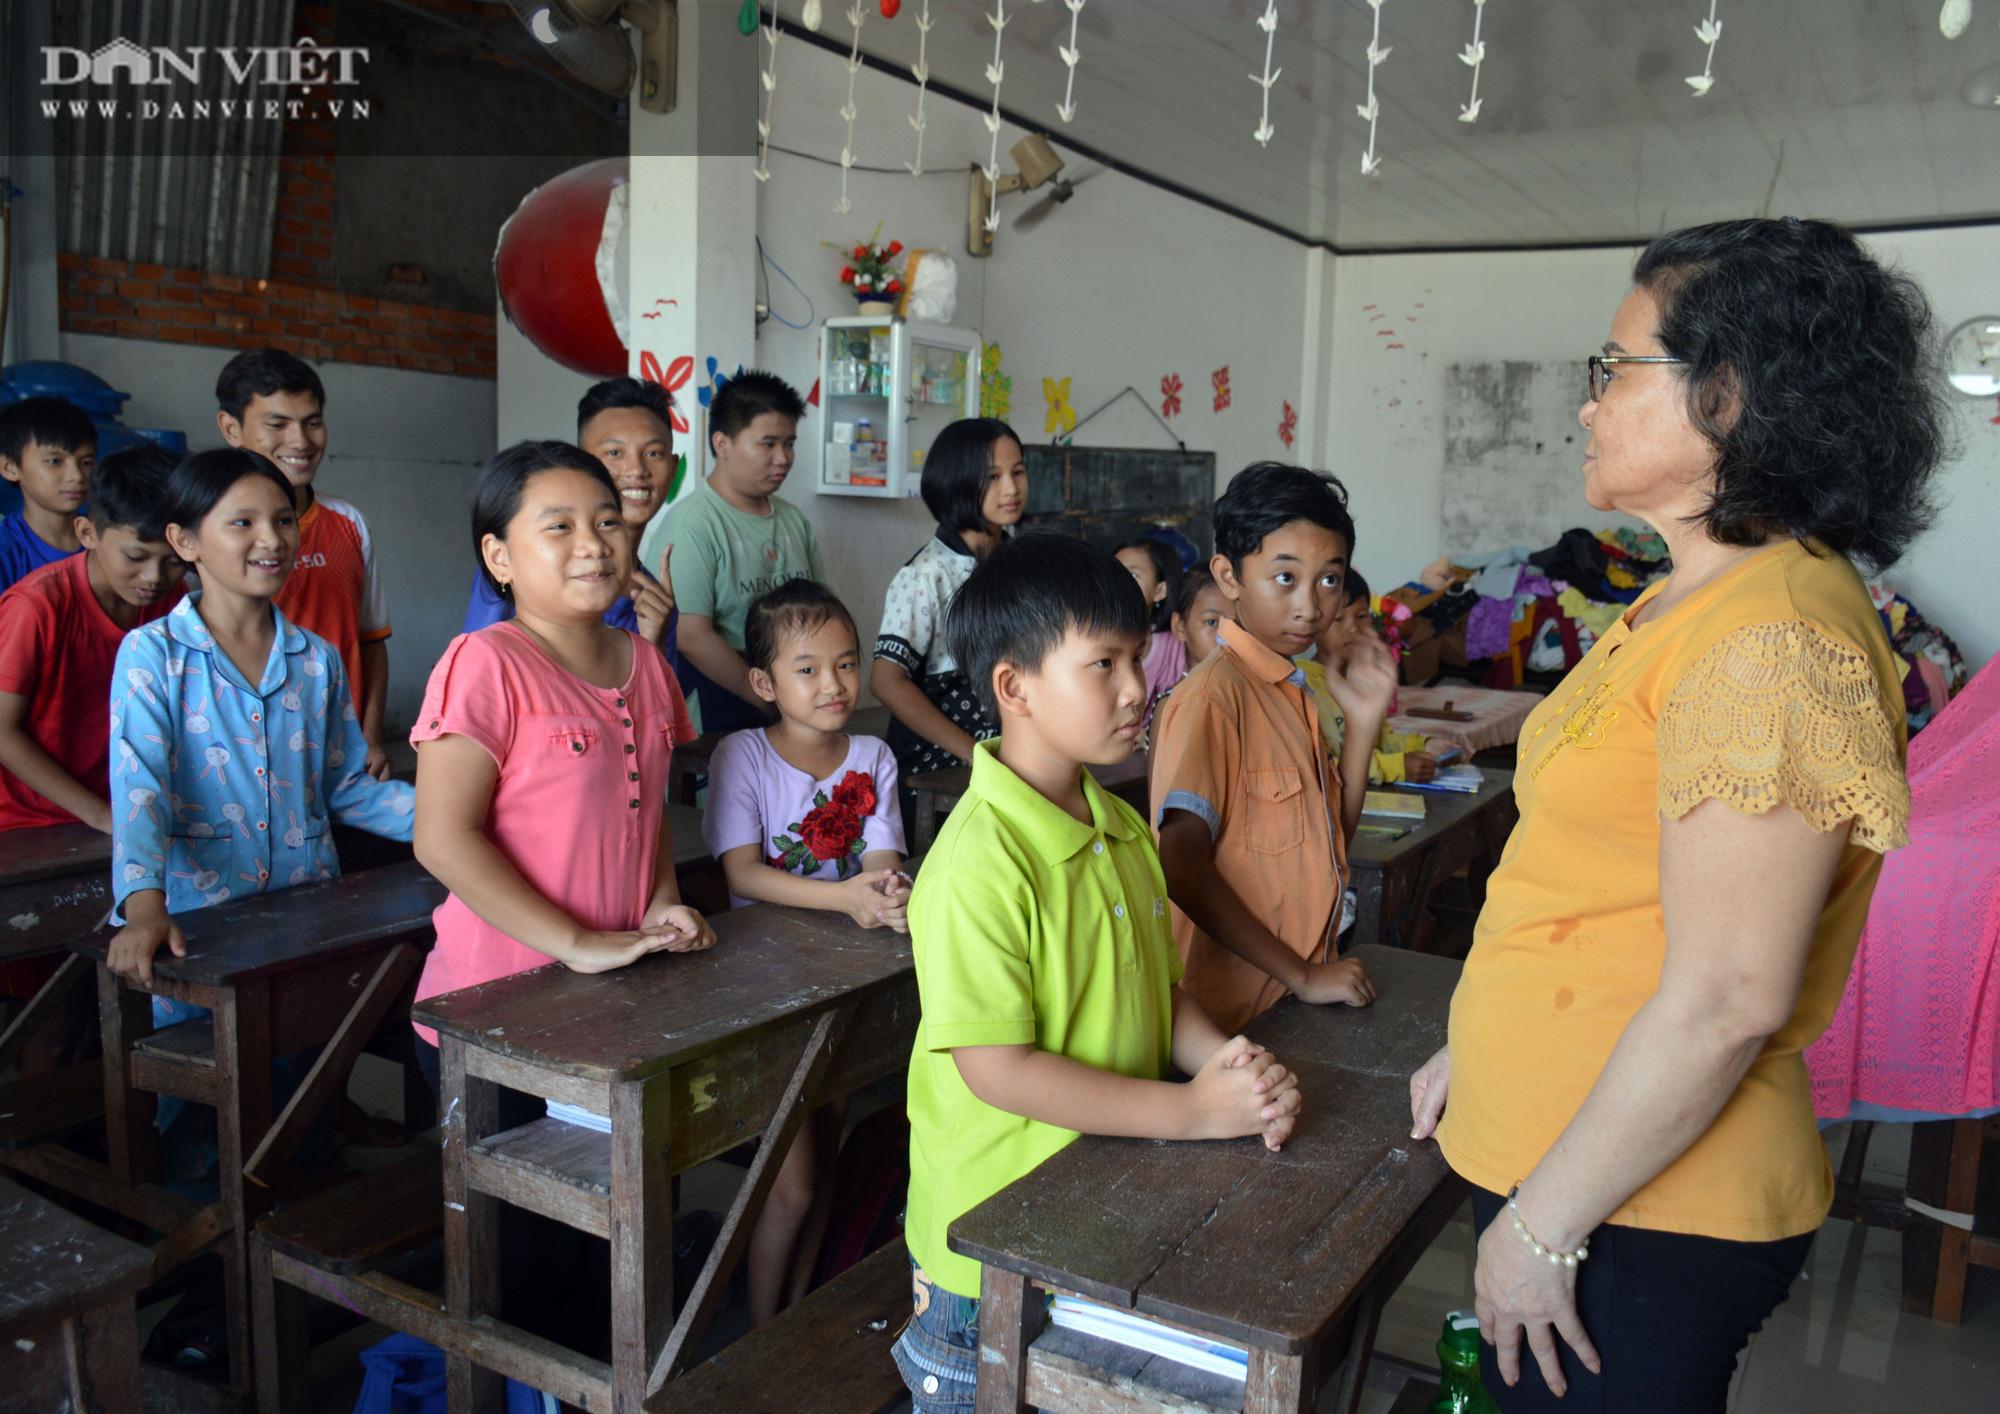 Lớp học tình thương 20 năm của con, em người lao động nghèo ở Cà Mau - Ảnh 4.